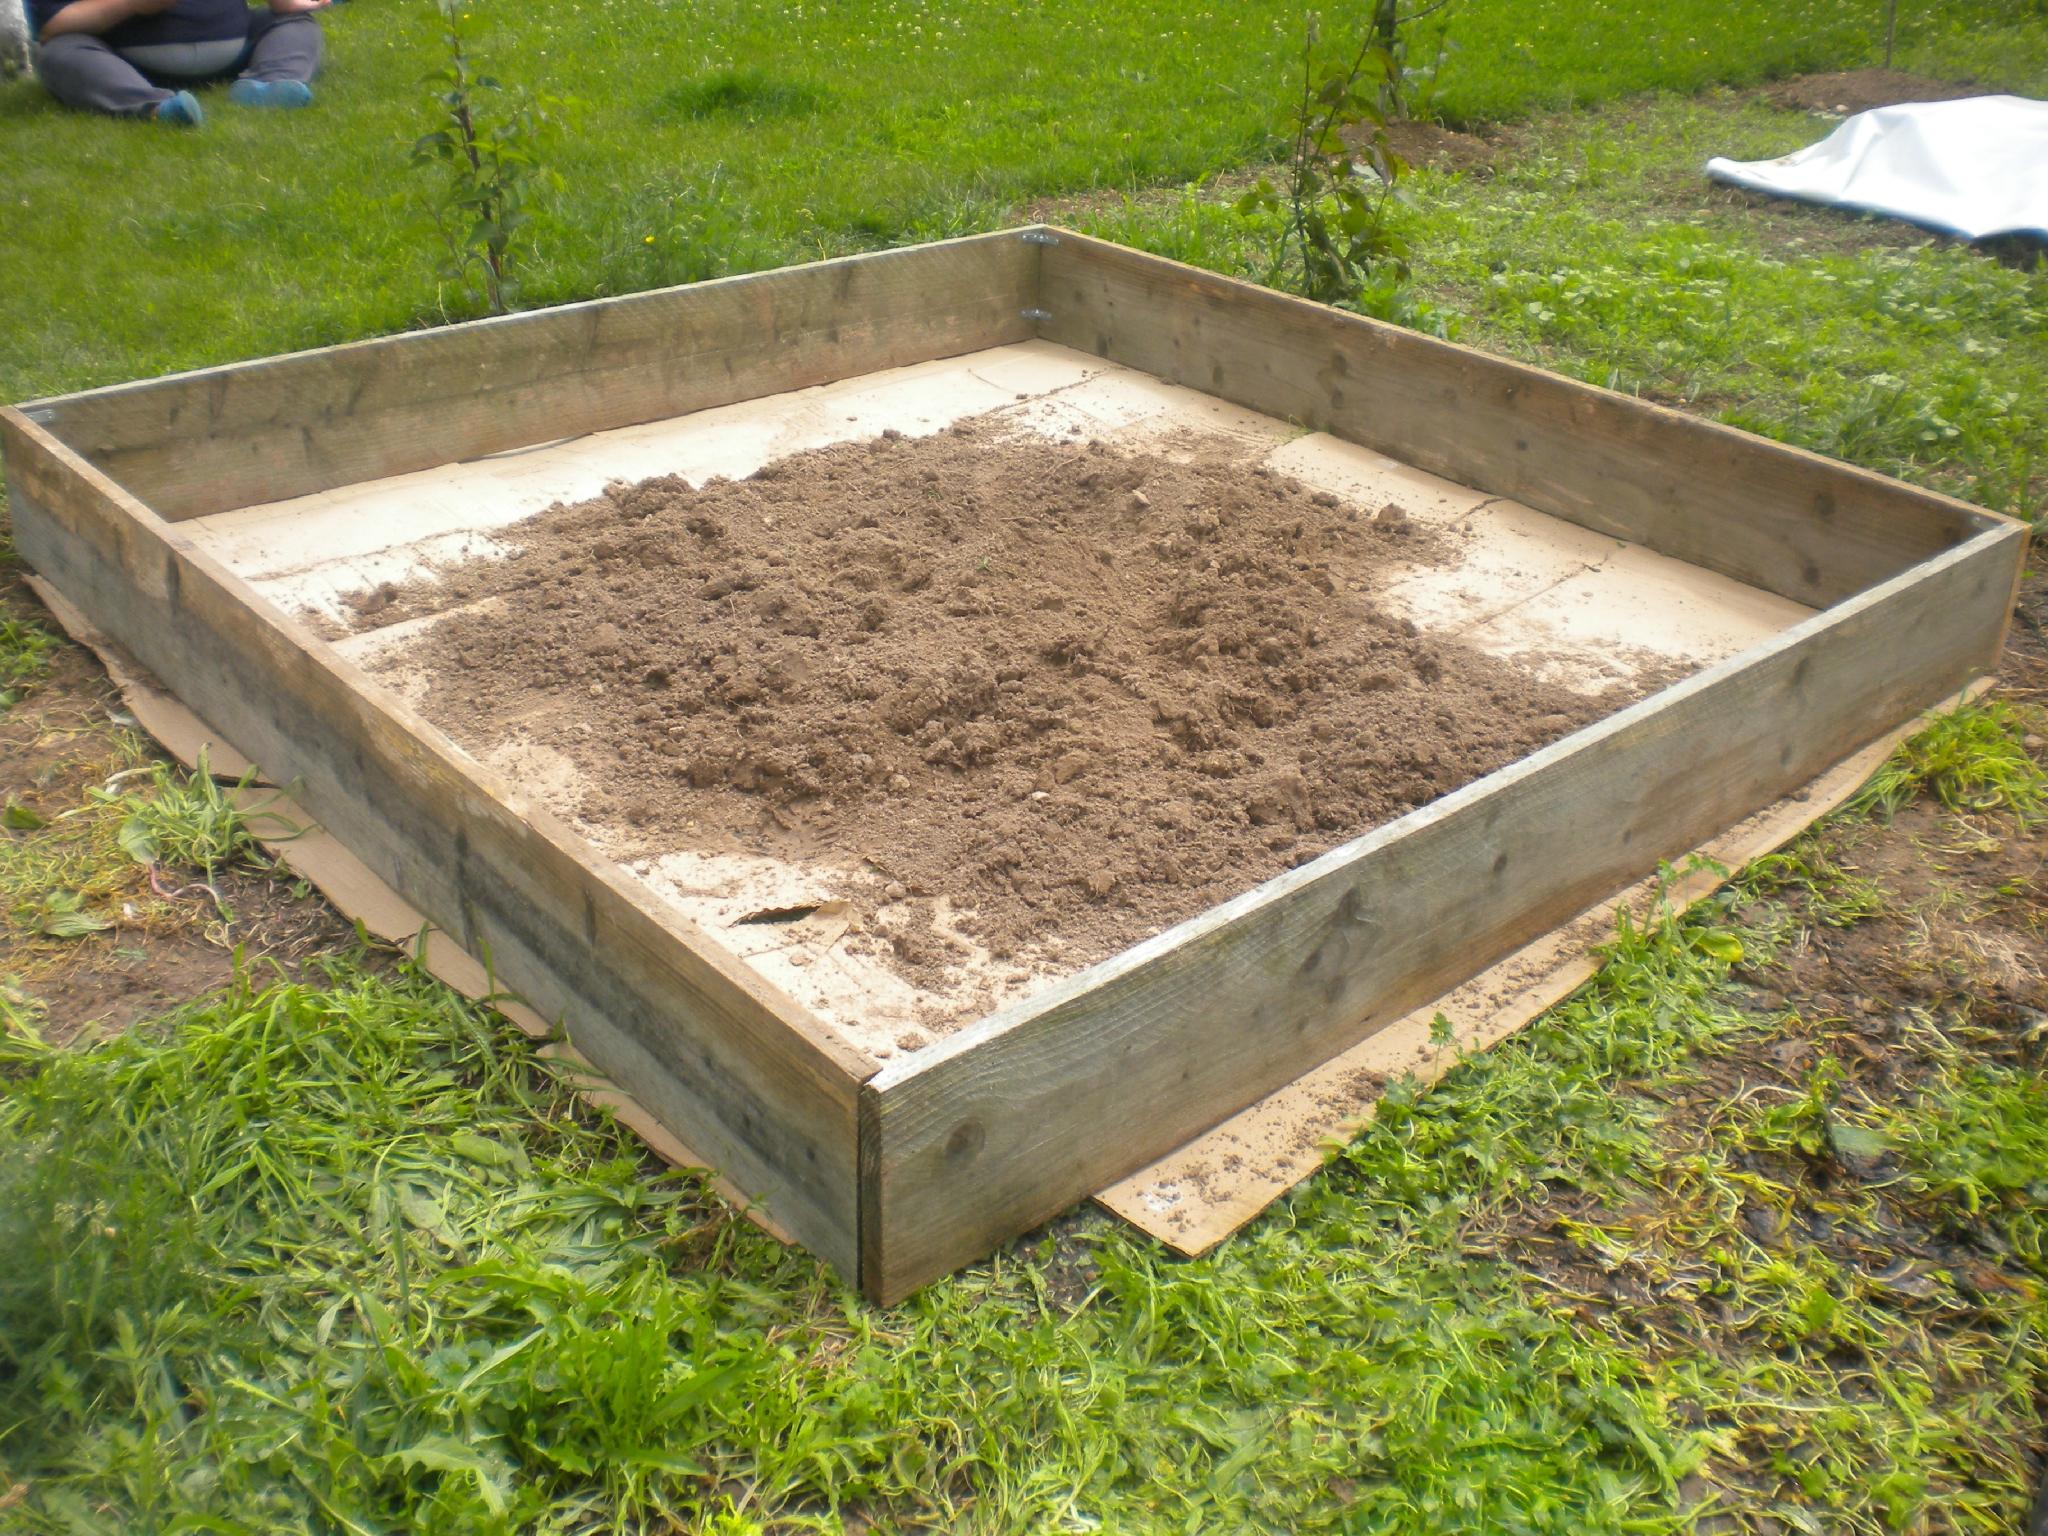 Création D'un Carré Potager De 4M2 Pour Moins De 30€ - Notre ... tout Faire Un Petit Potager Dans Son Jardin